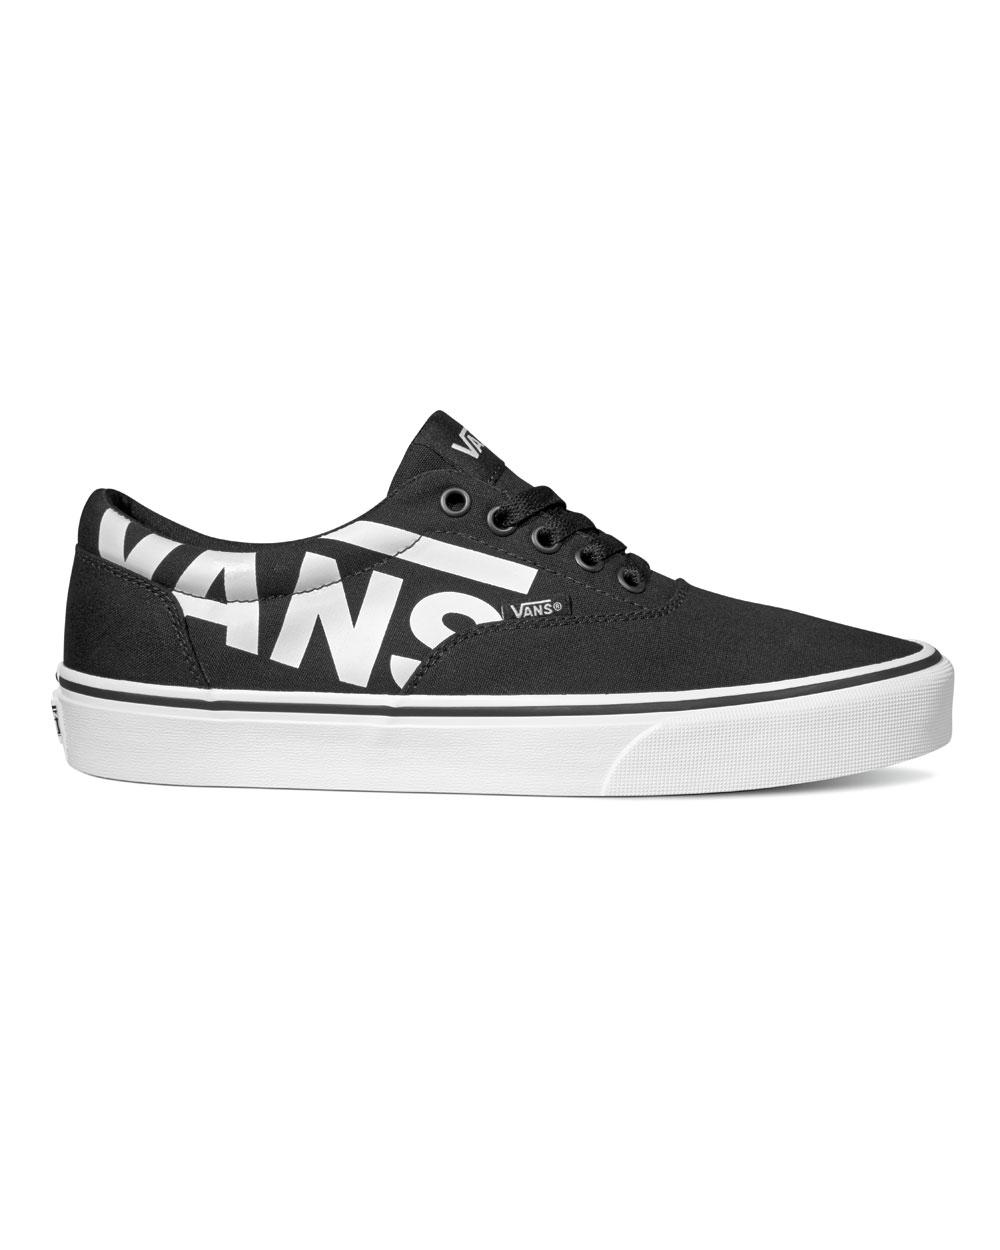 Vans Doheny Big Logo (black/white